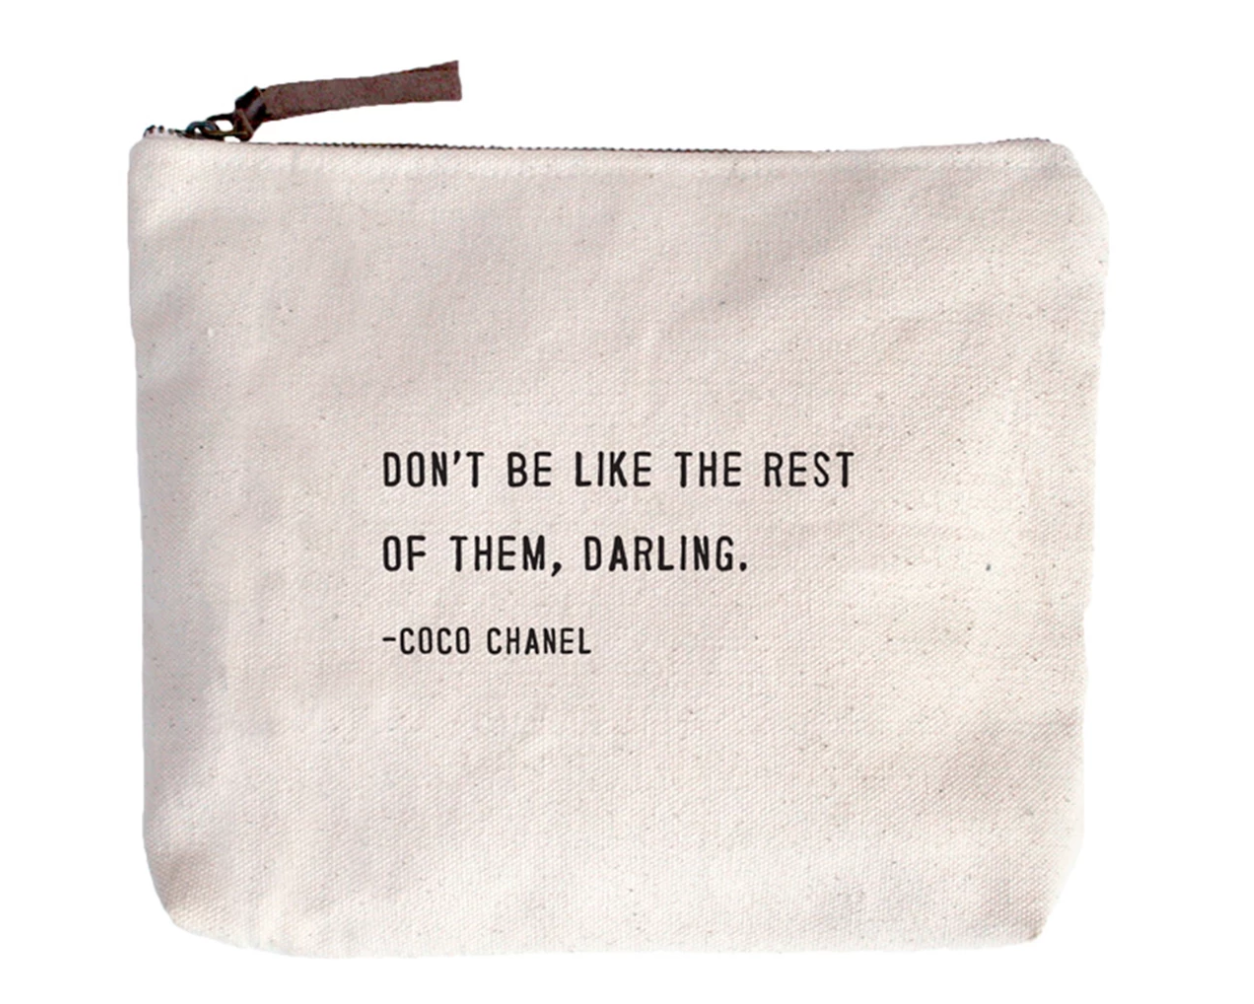 Sugarboo & Co. Coco Chanel - Canvas Bag